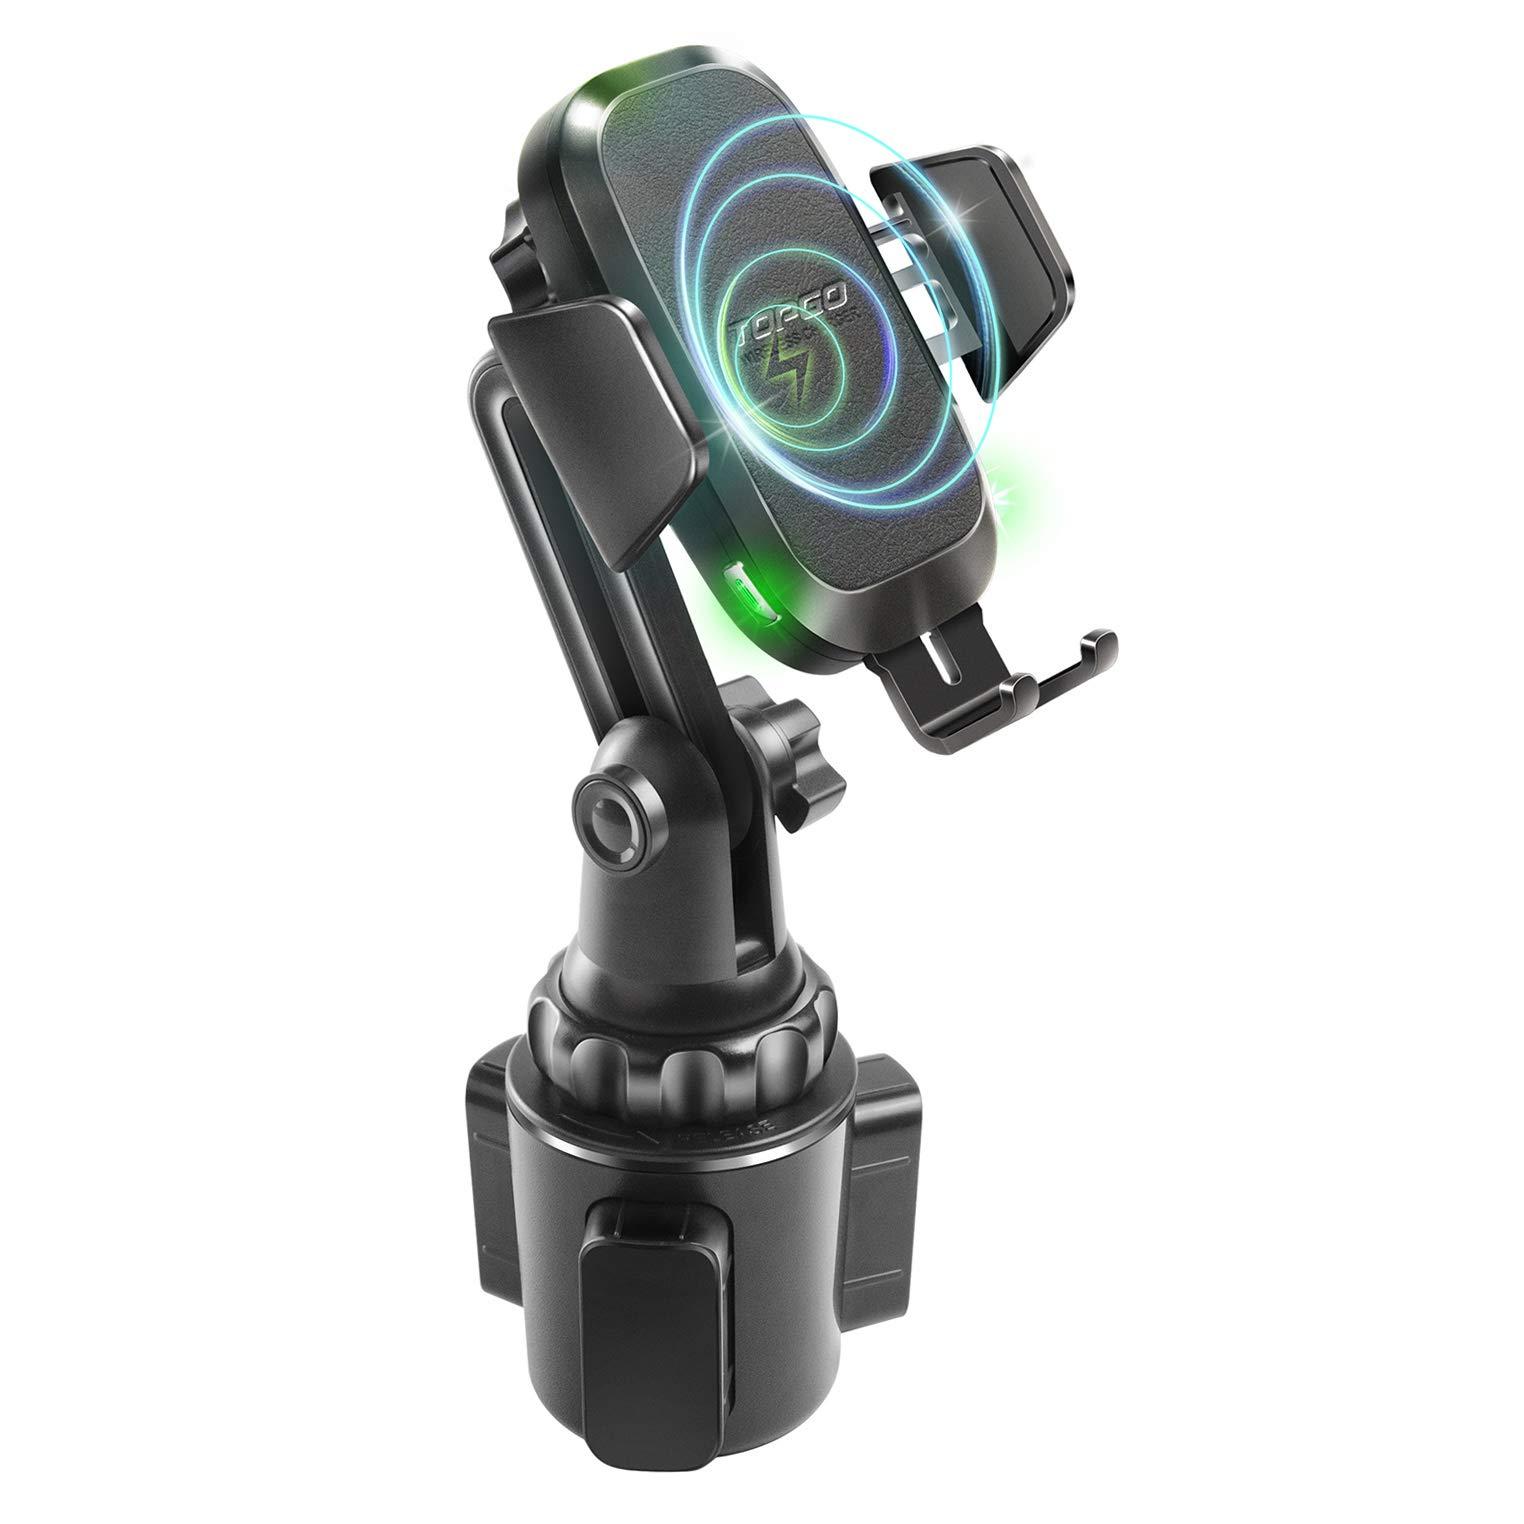 Soporte Celular para Autos   Cargador TOPGO - 7YFYL4WD